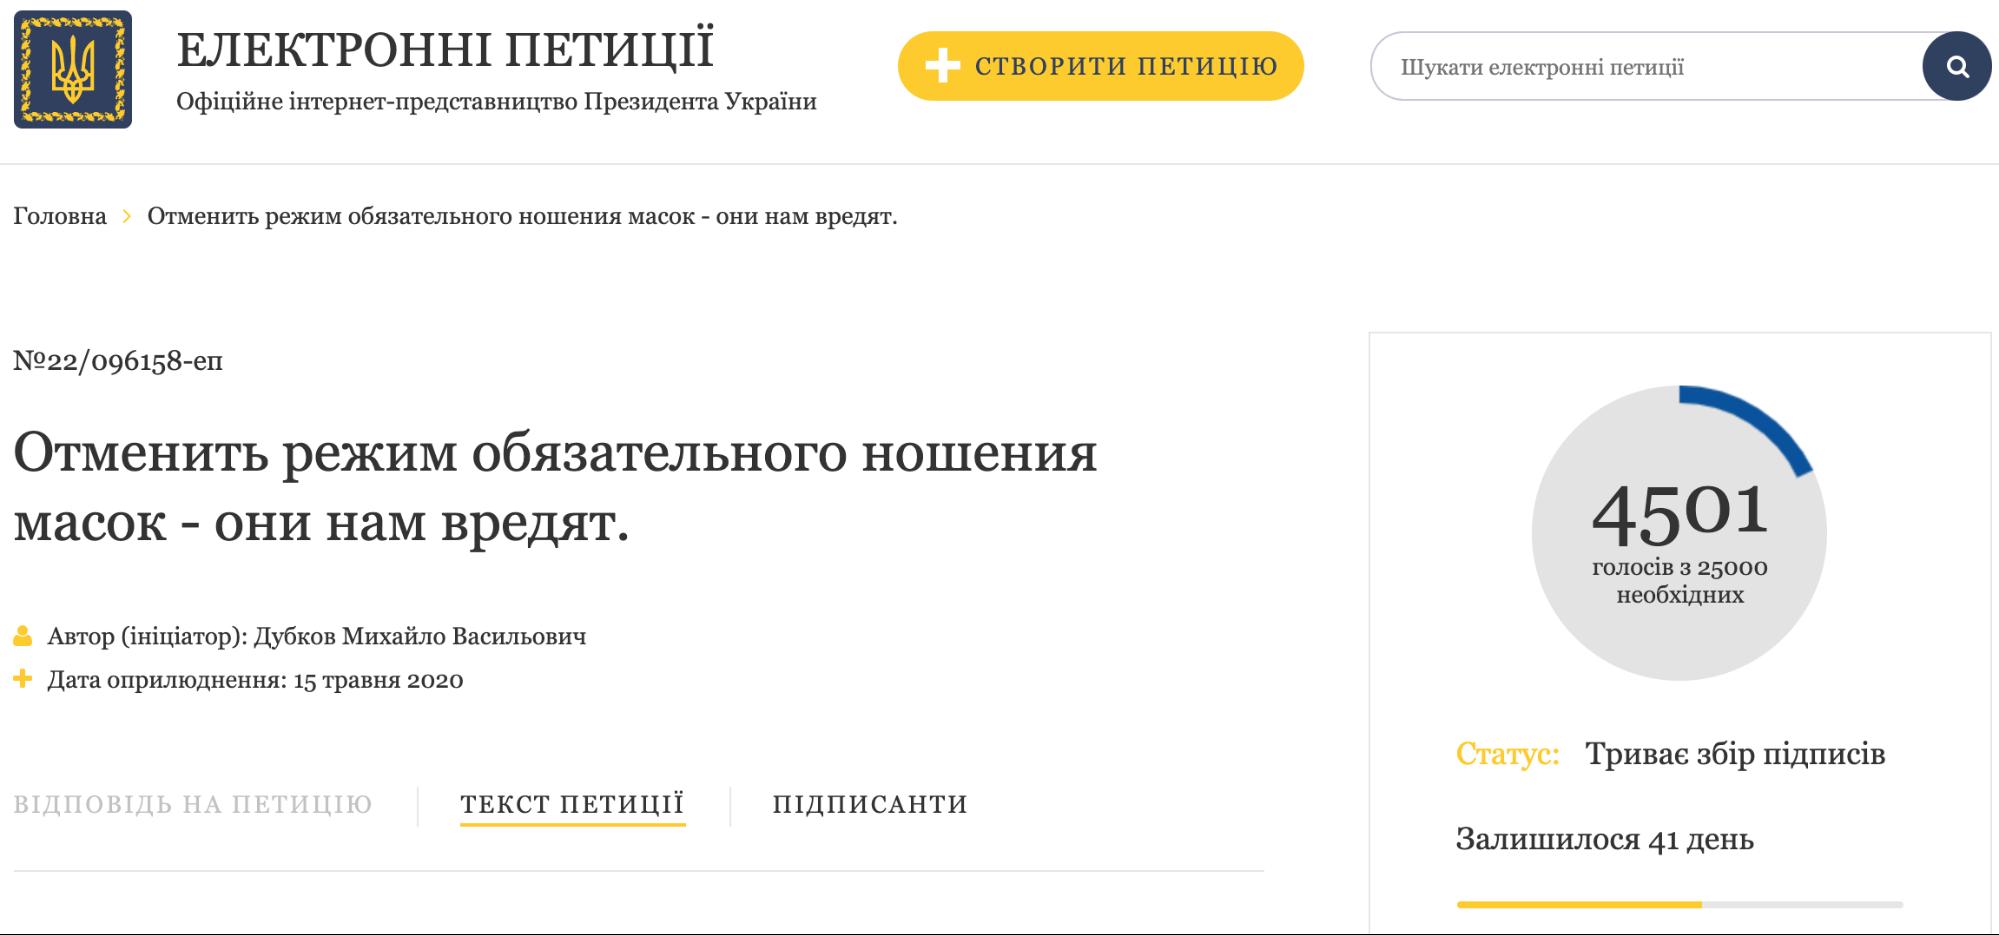 Як українці стали адептами теорії змови: 49% відмовляться від вакцинації проти COVID-19, фото-4